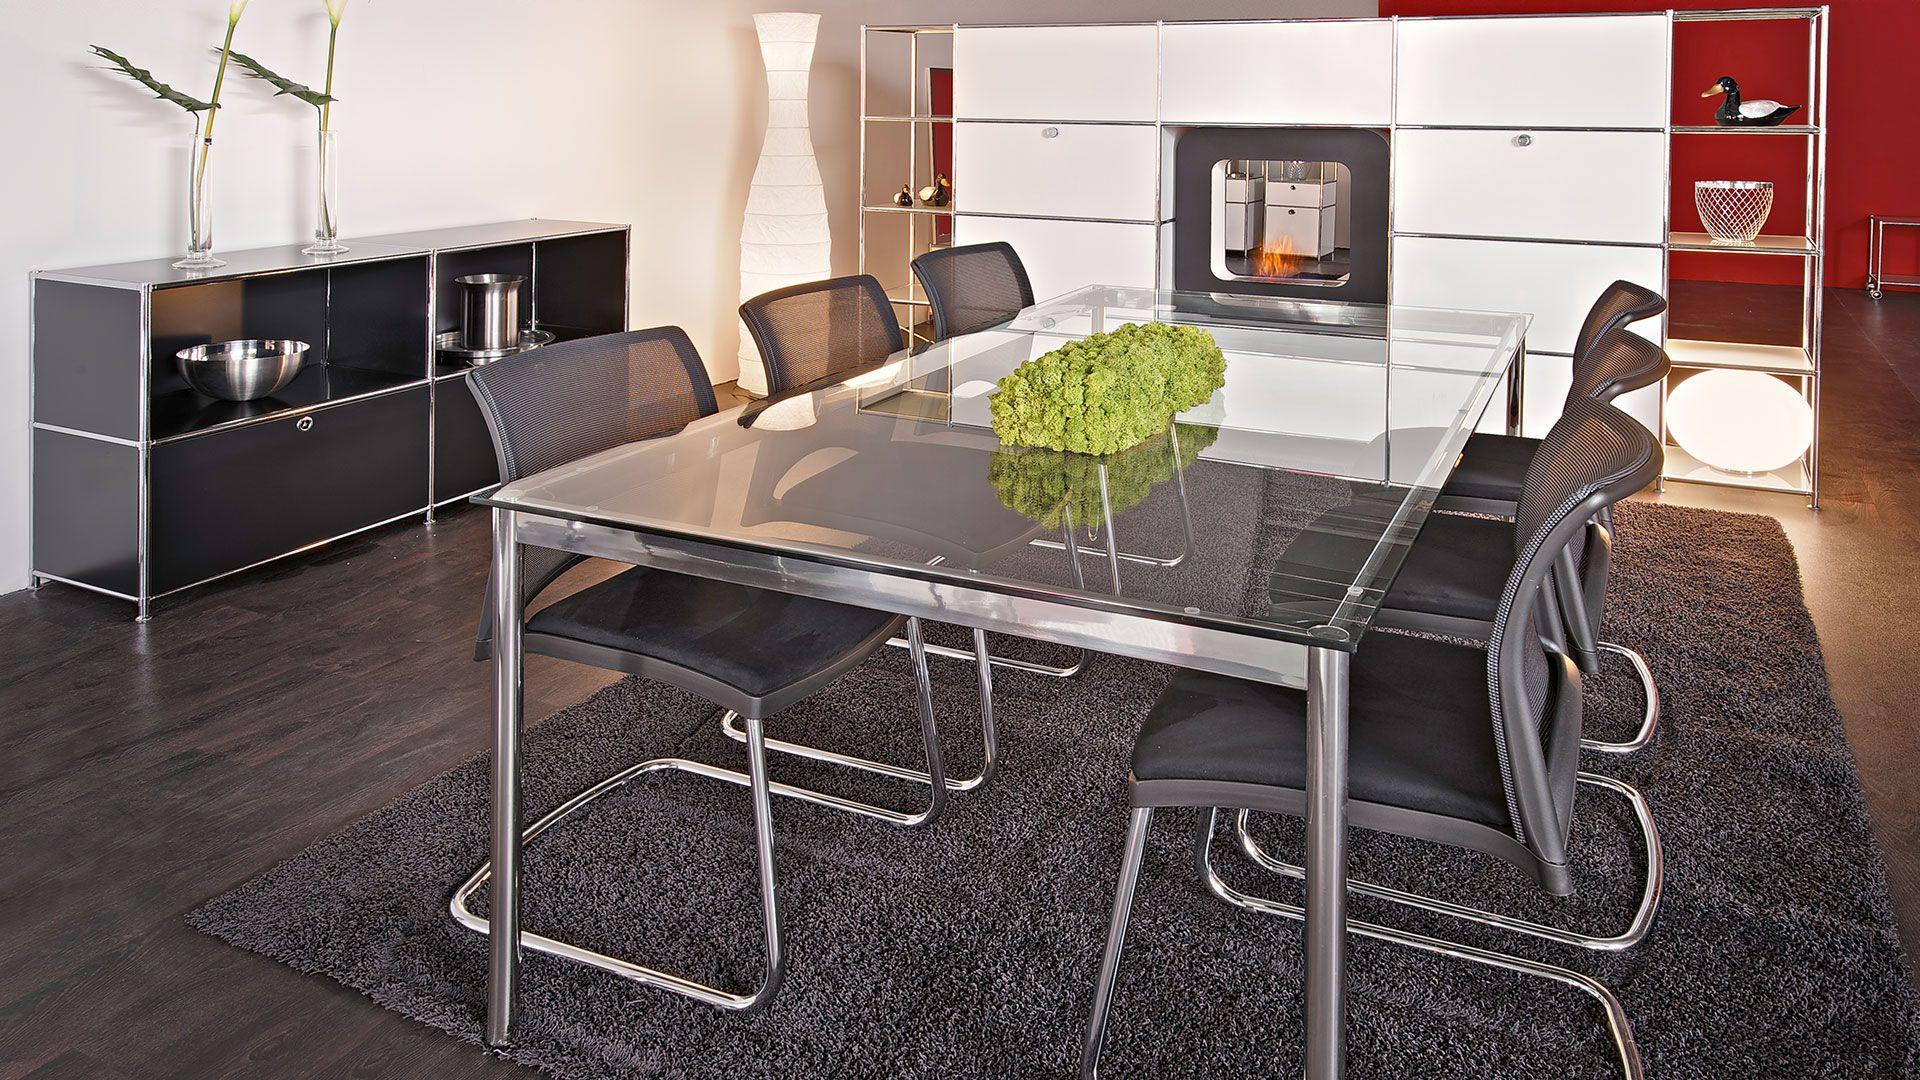 Besprechungstisch Konferenztisch 200 X100 Cm Mit Tischplatte In Klarglas Bueromoebel Metall Sideboard Mit Metall Klapptueren Und Regal Metallstuhle Regal Tisch